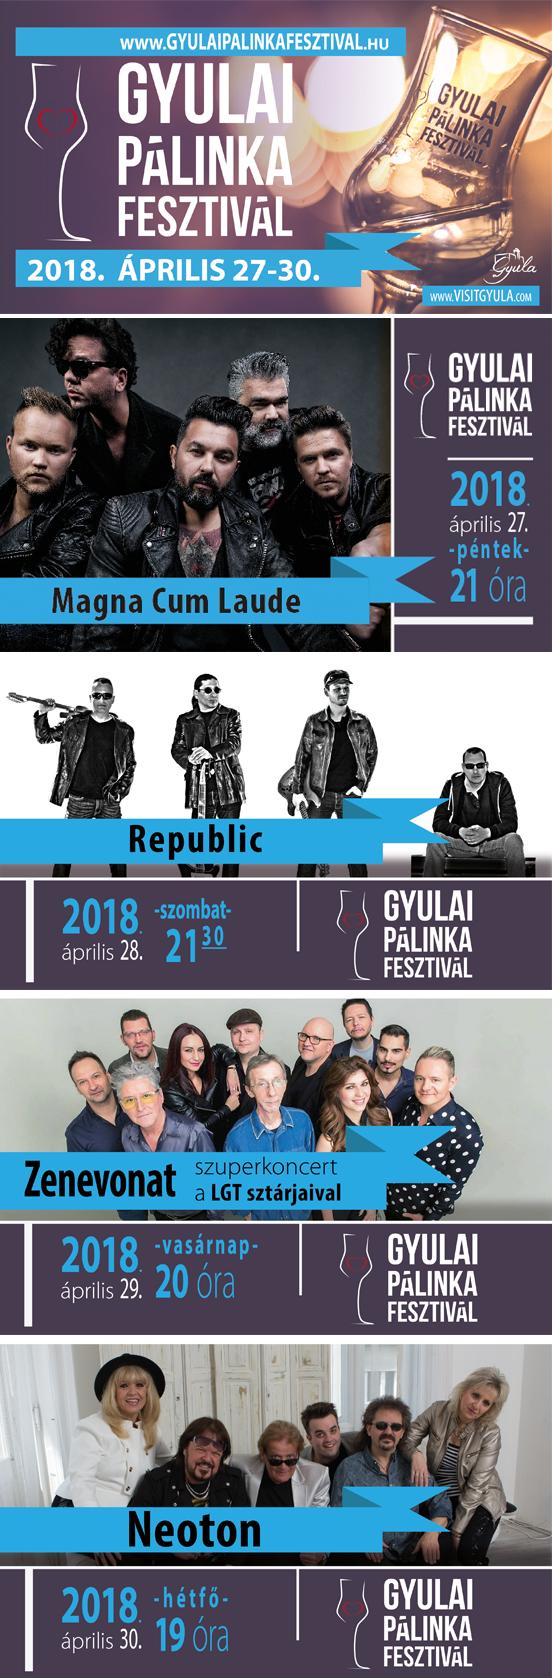 Gyulai Pűlinkafesztivál banner